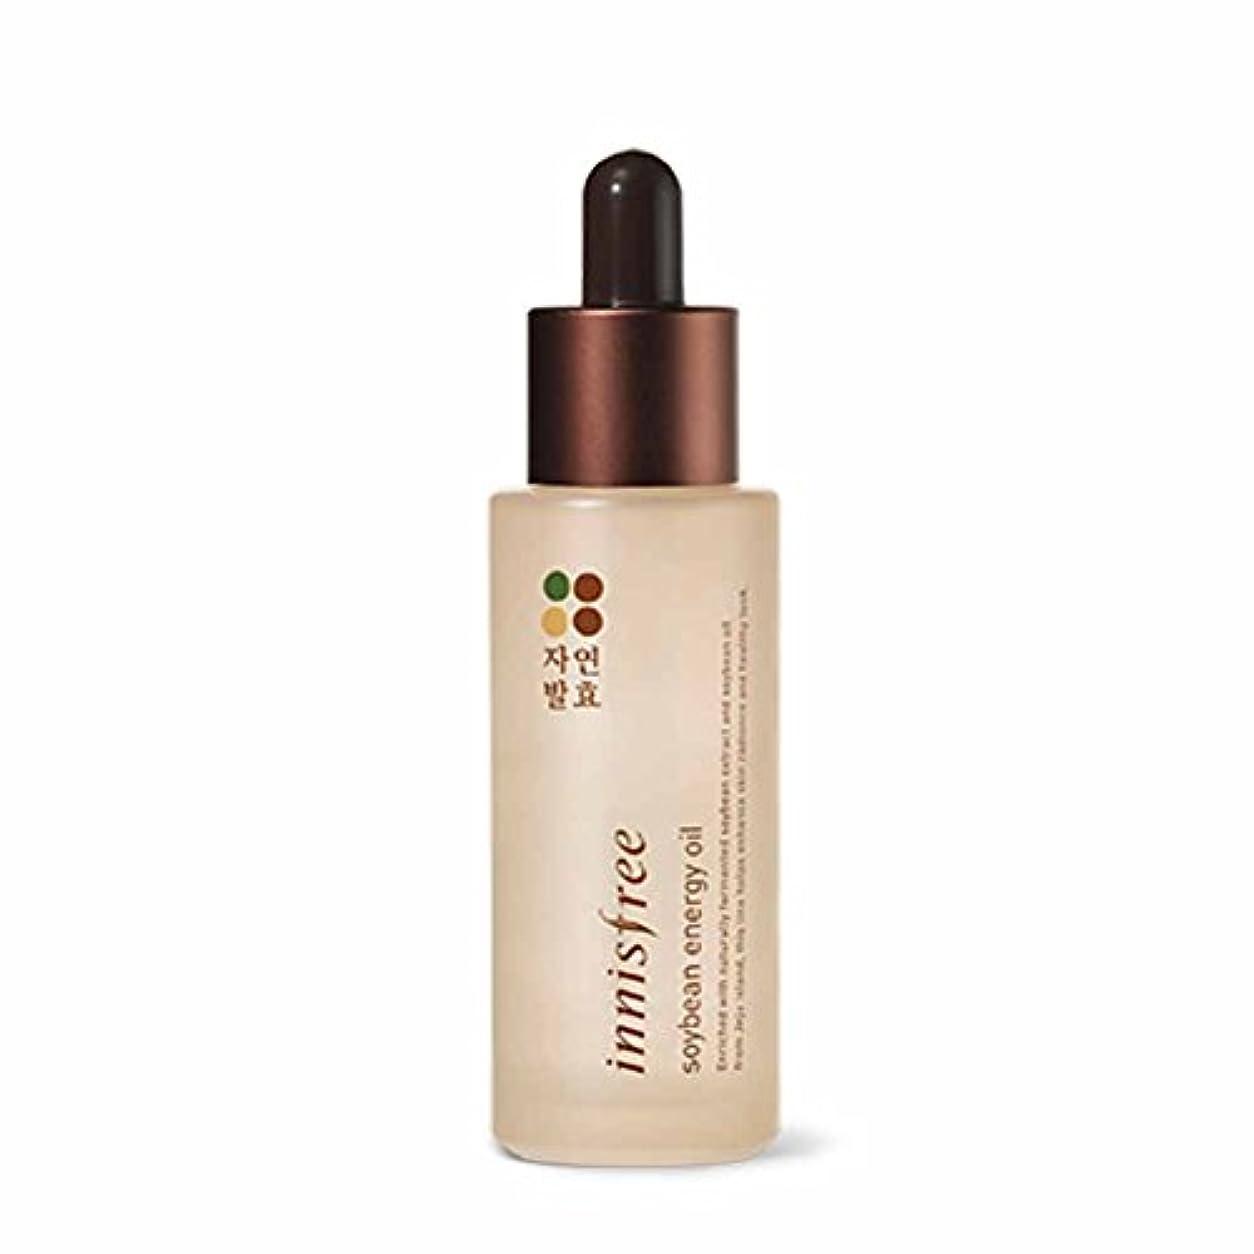 化粧作り上げるアグネスグレイイニスフリーソイビーンエナジーオイル30ml / Innisfree Soybean Energy Oil 30ml [海外直送品][並行輸入品]